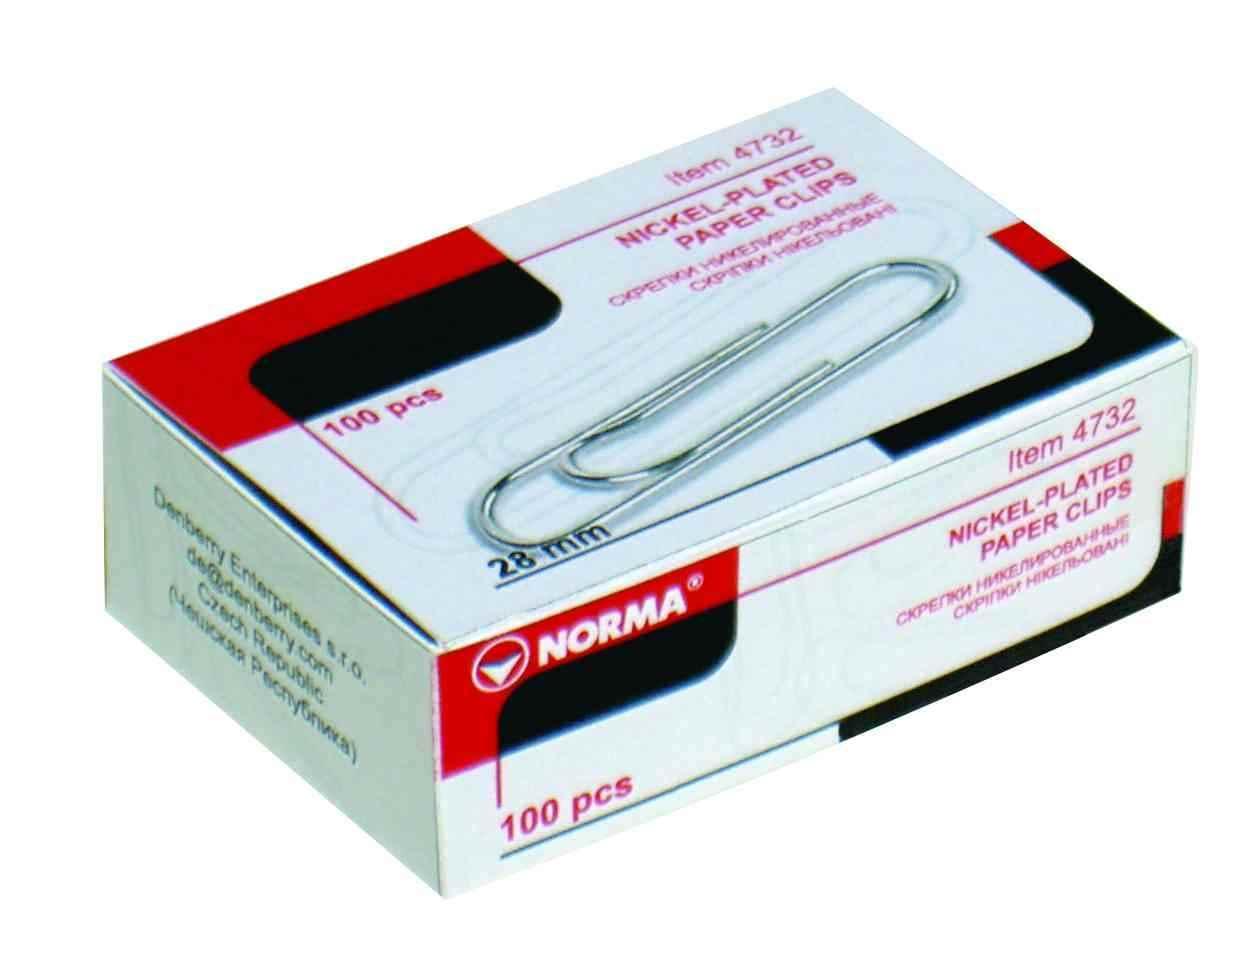 Скріпки Norma, 25 мм 100 штук, трикутні